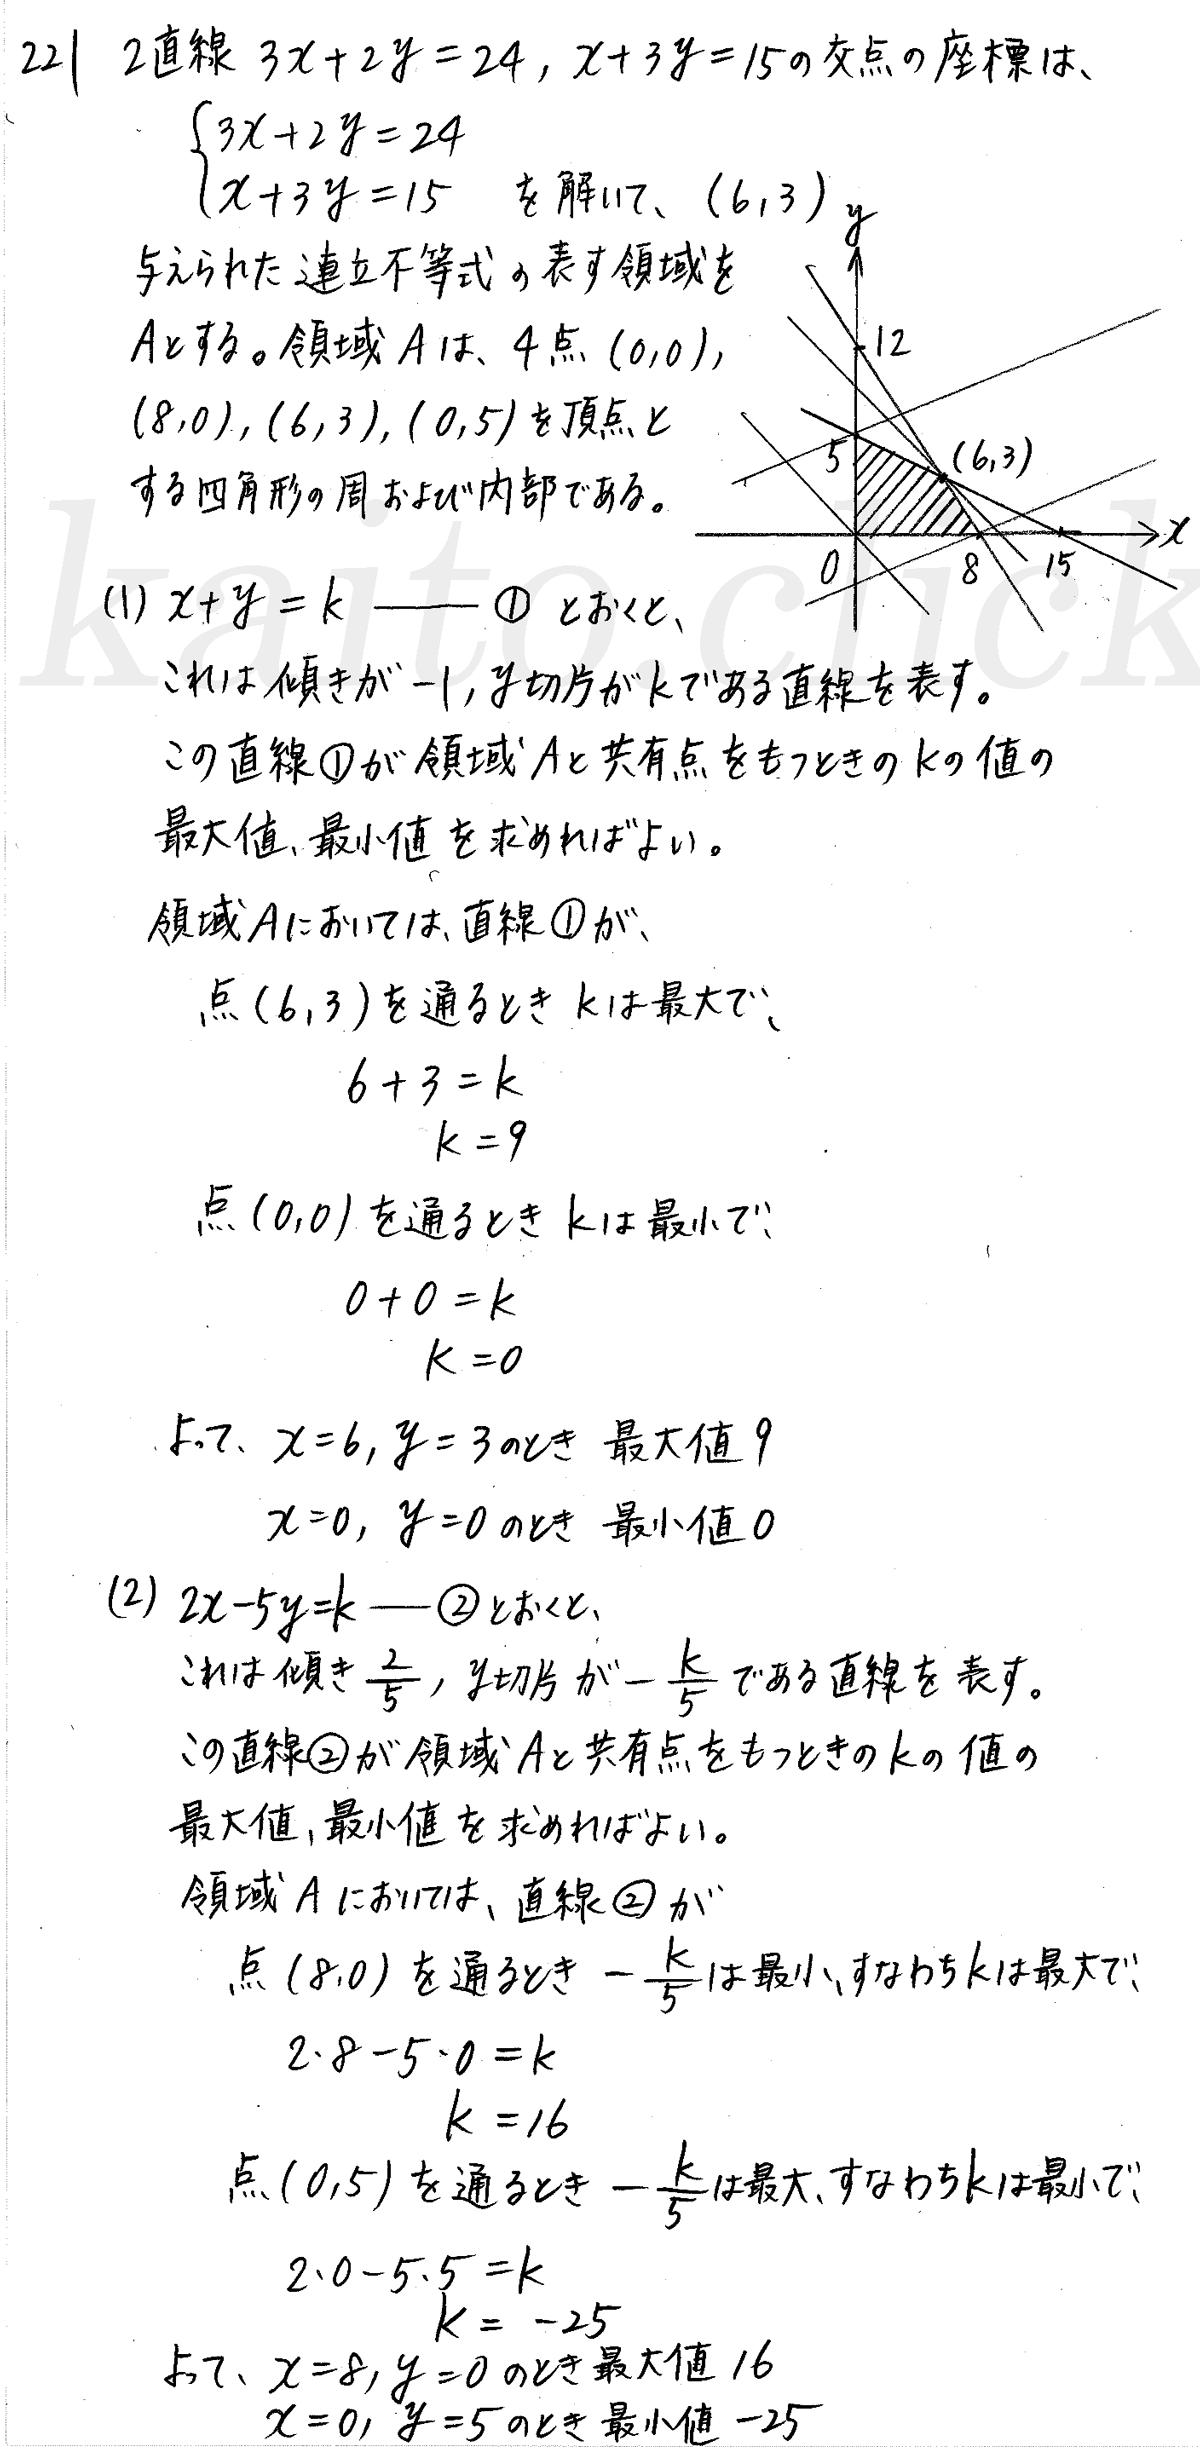 クリアー数学2-221解答